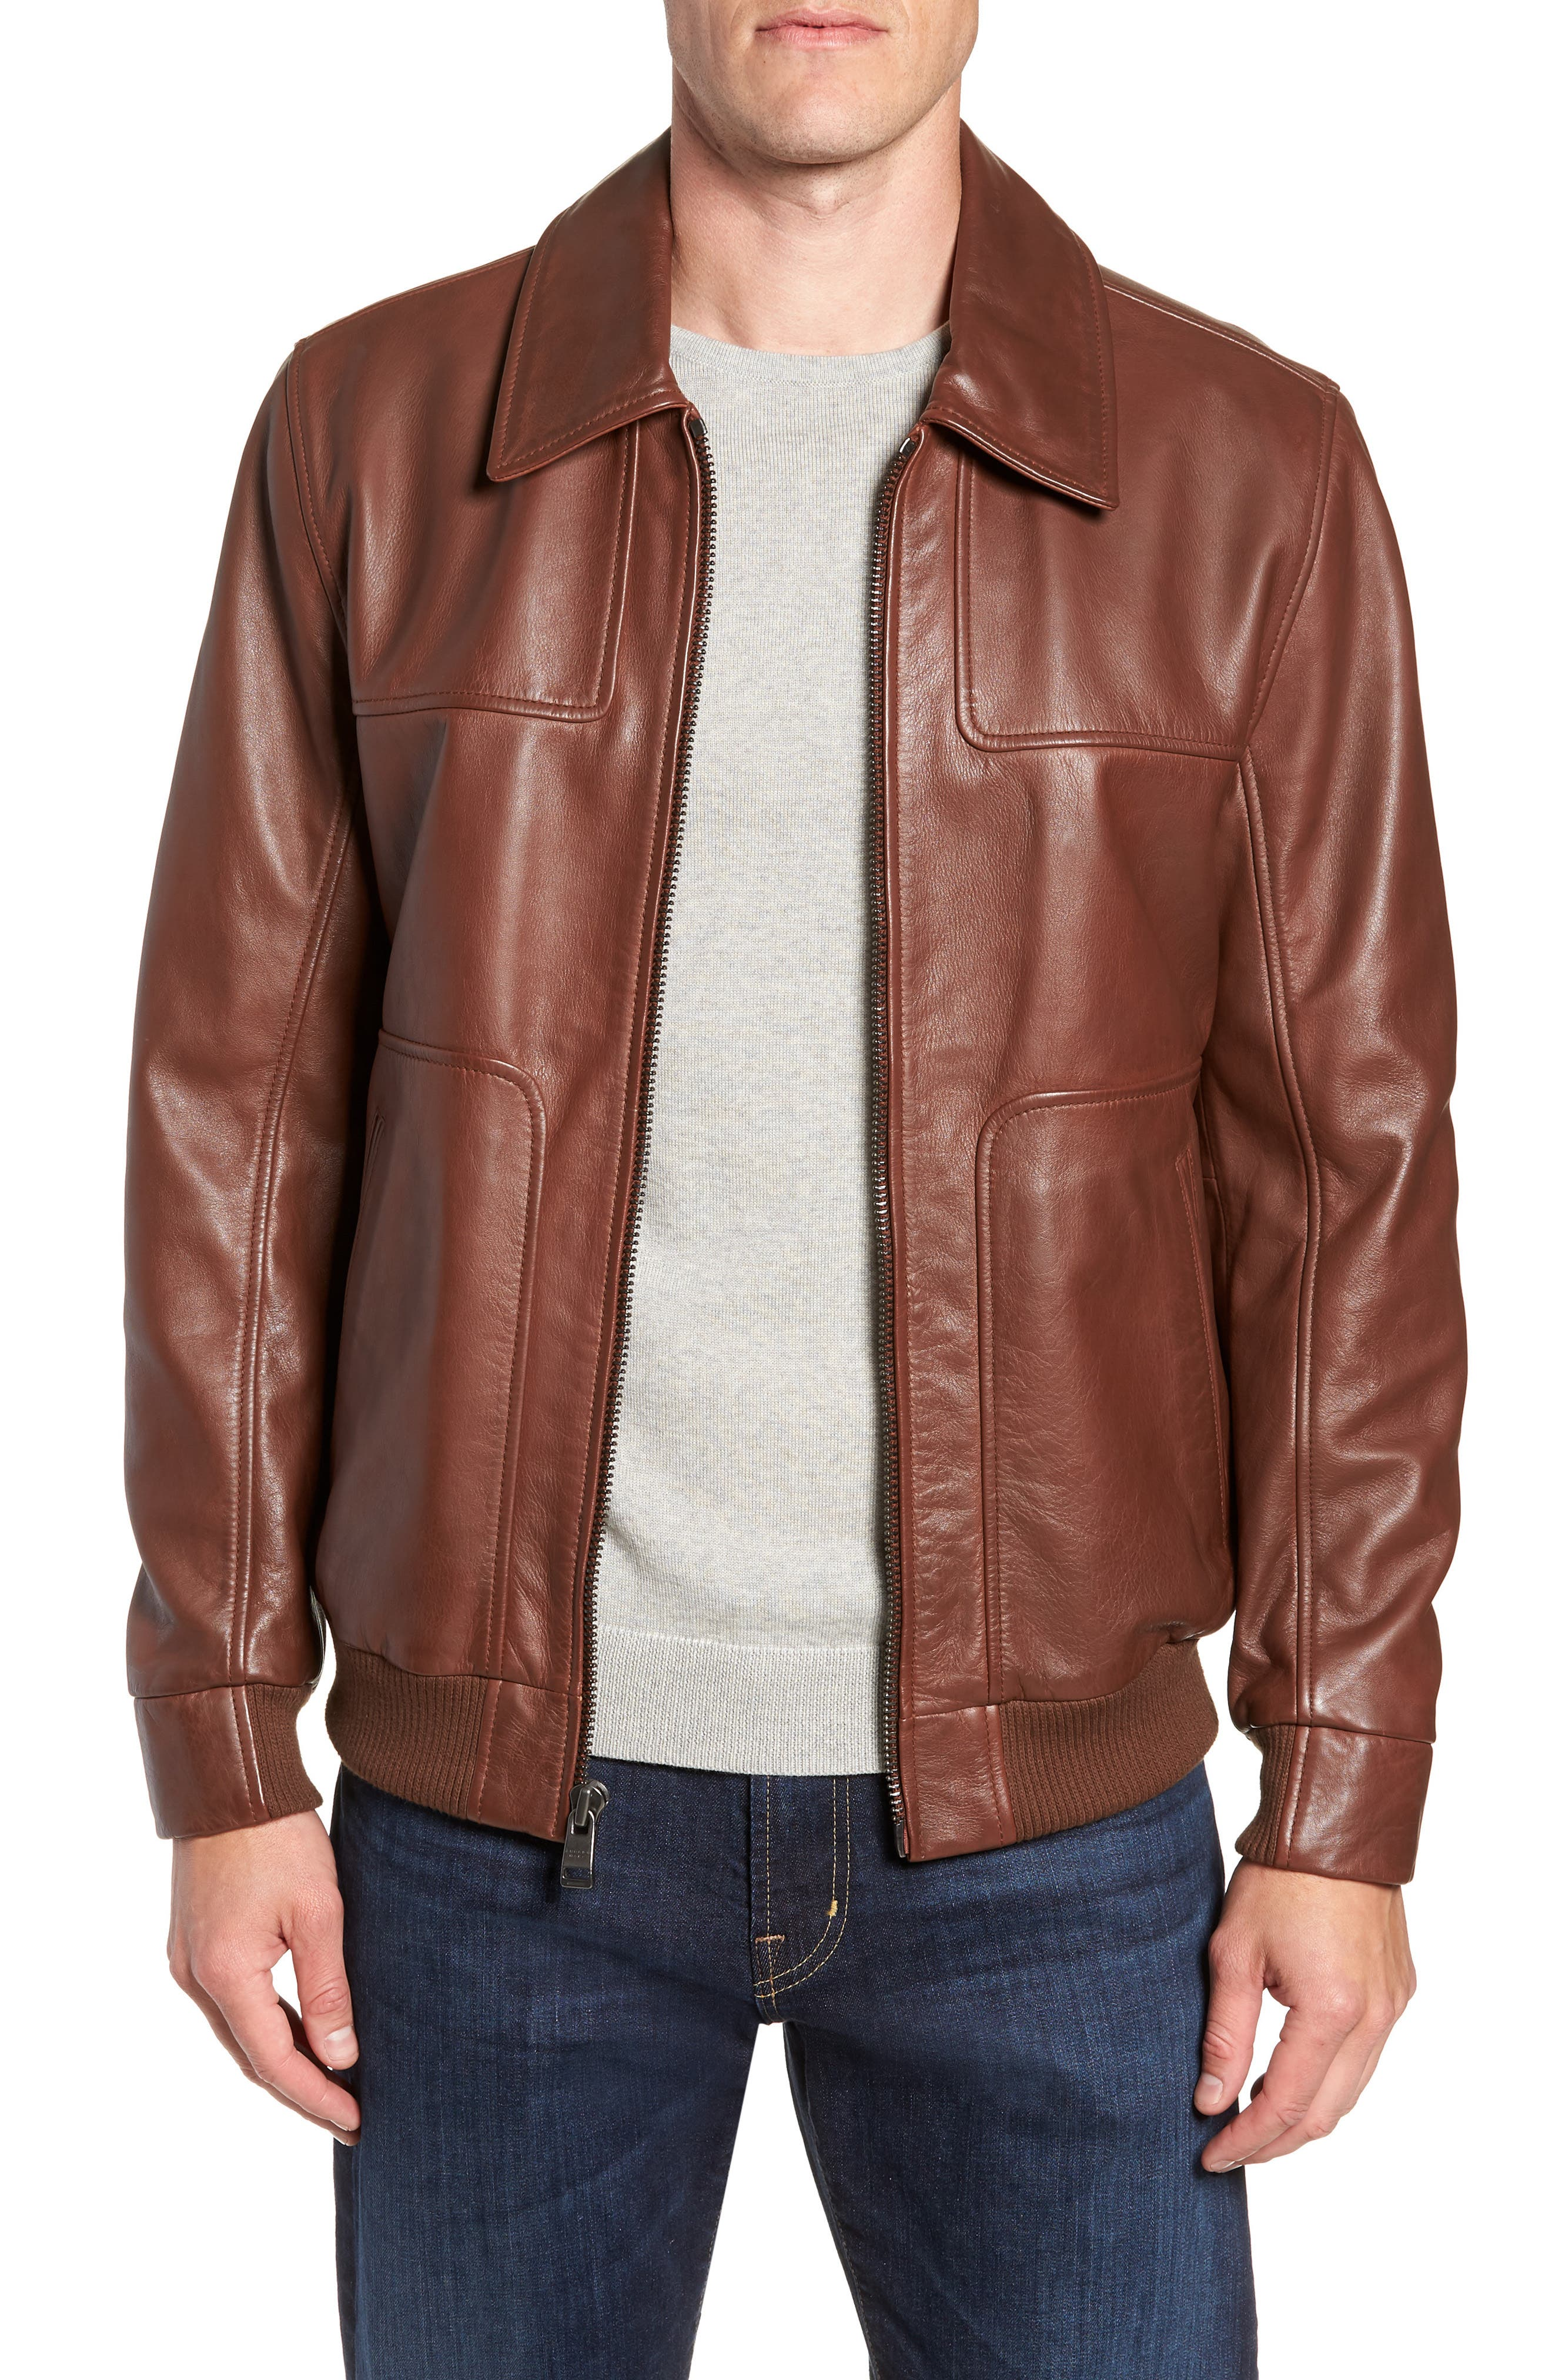 43388999d Buy andrew marc coats & jackets for men - Best men's andrew marc ...